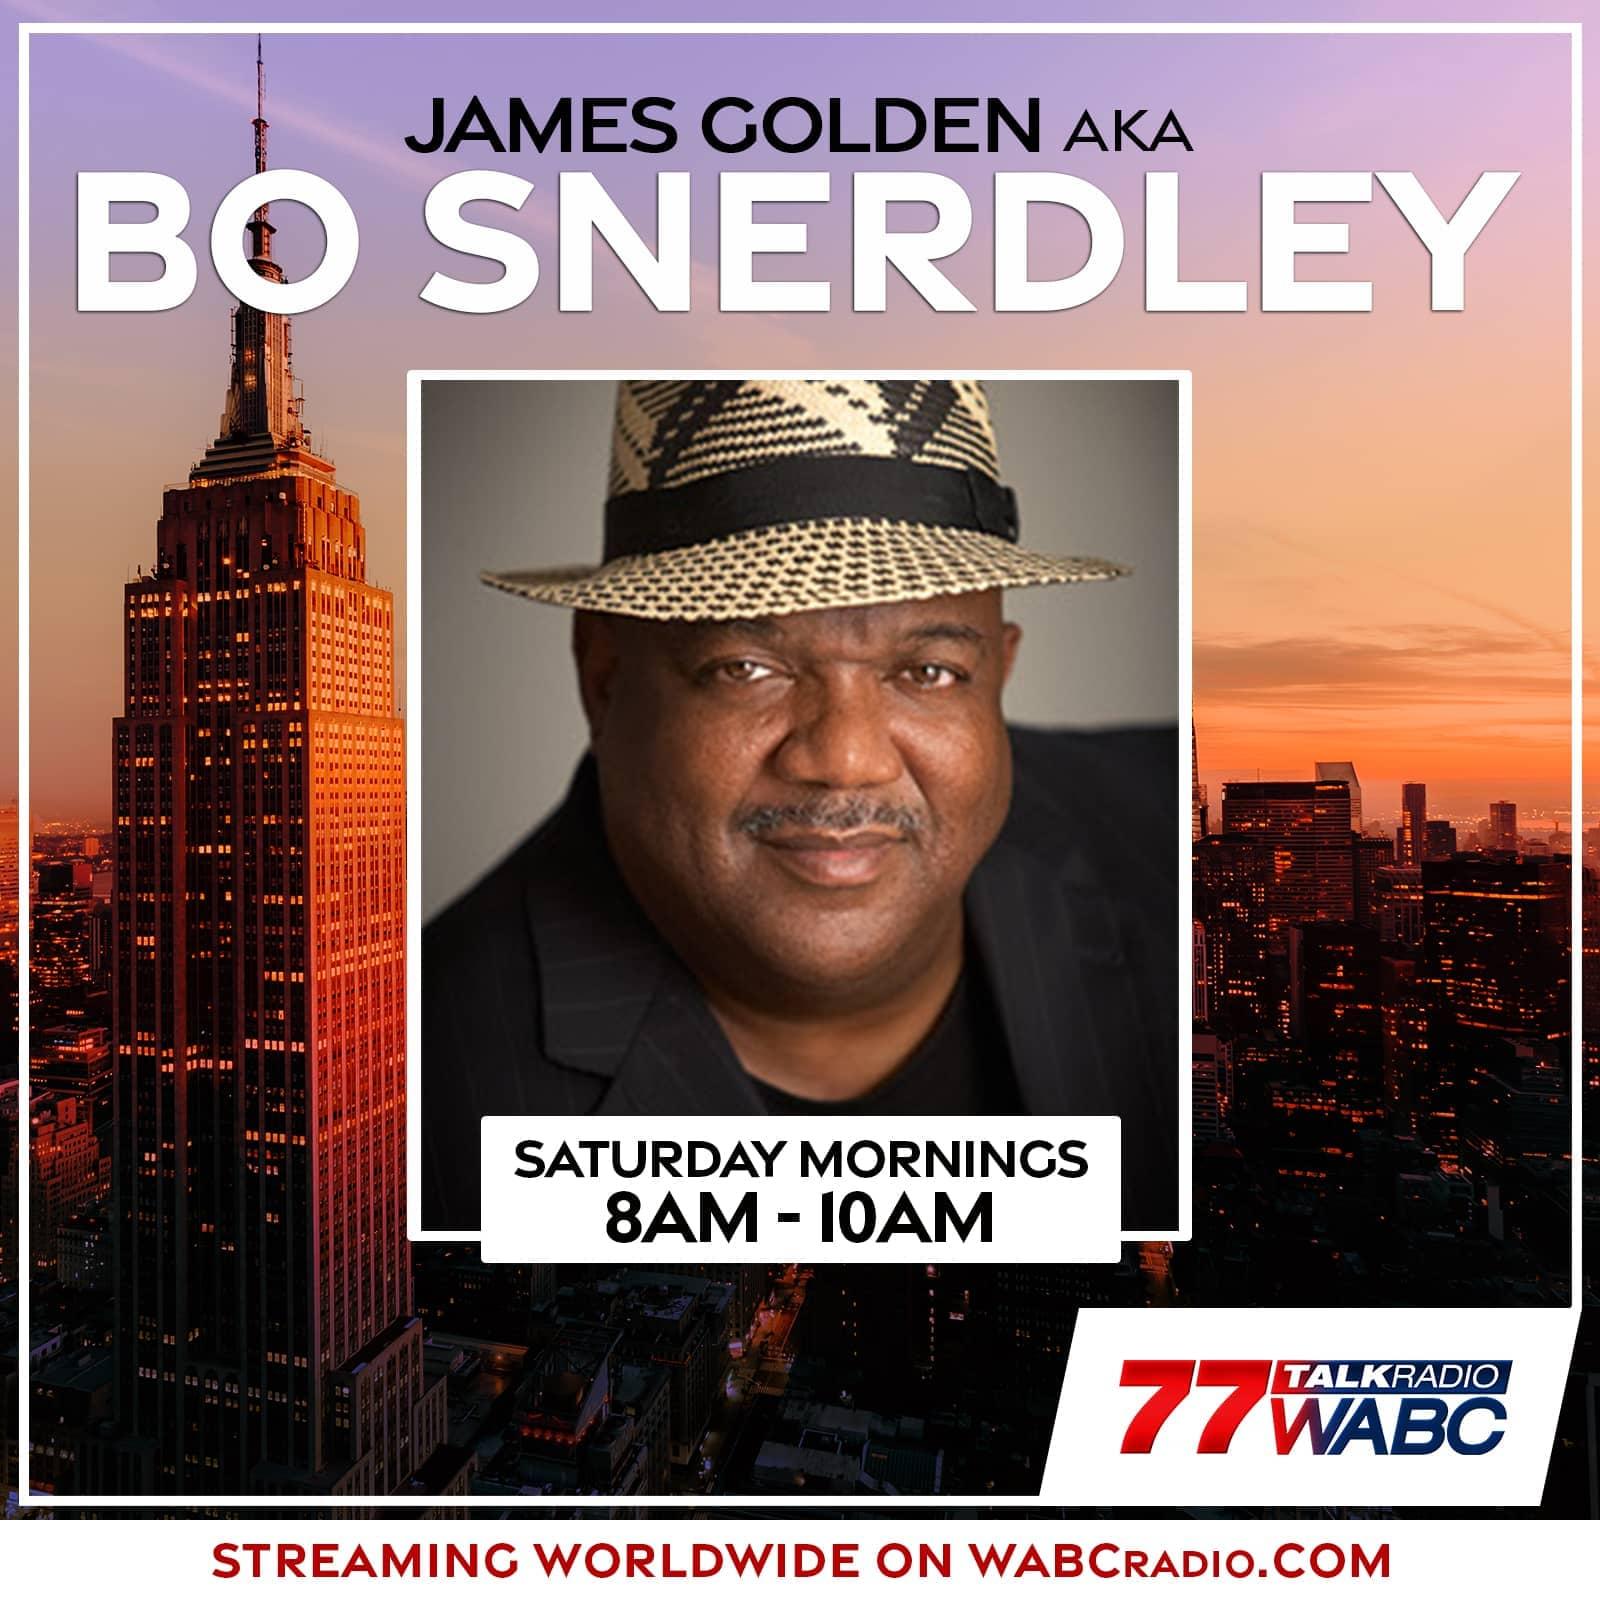 Bo Snerdley / James Golden